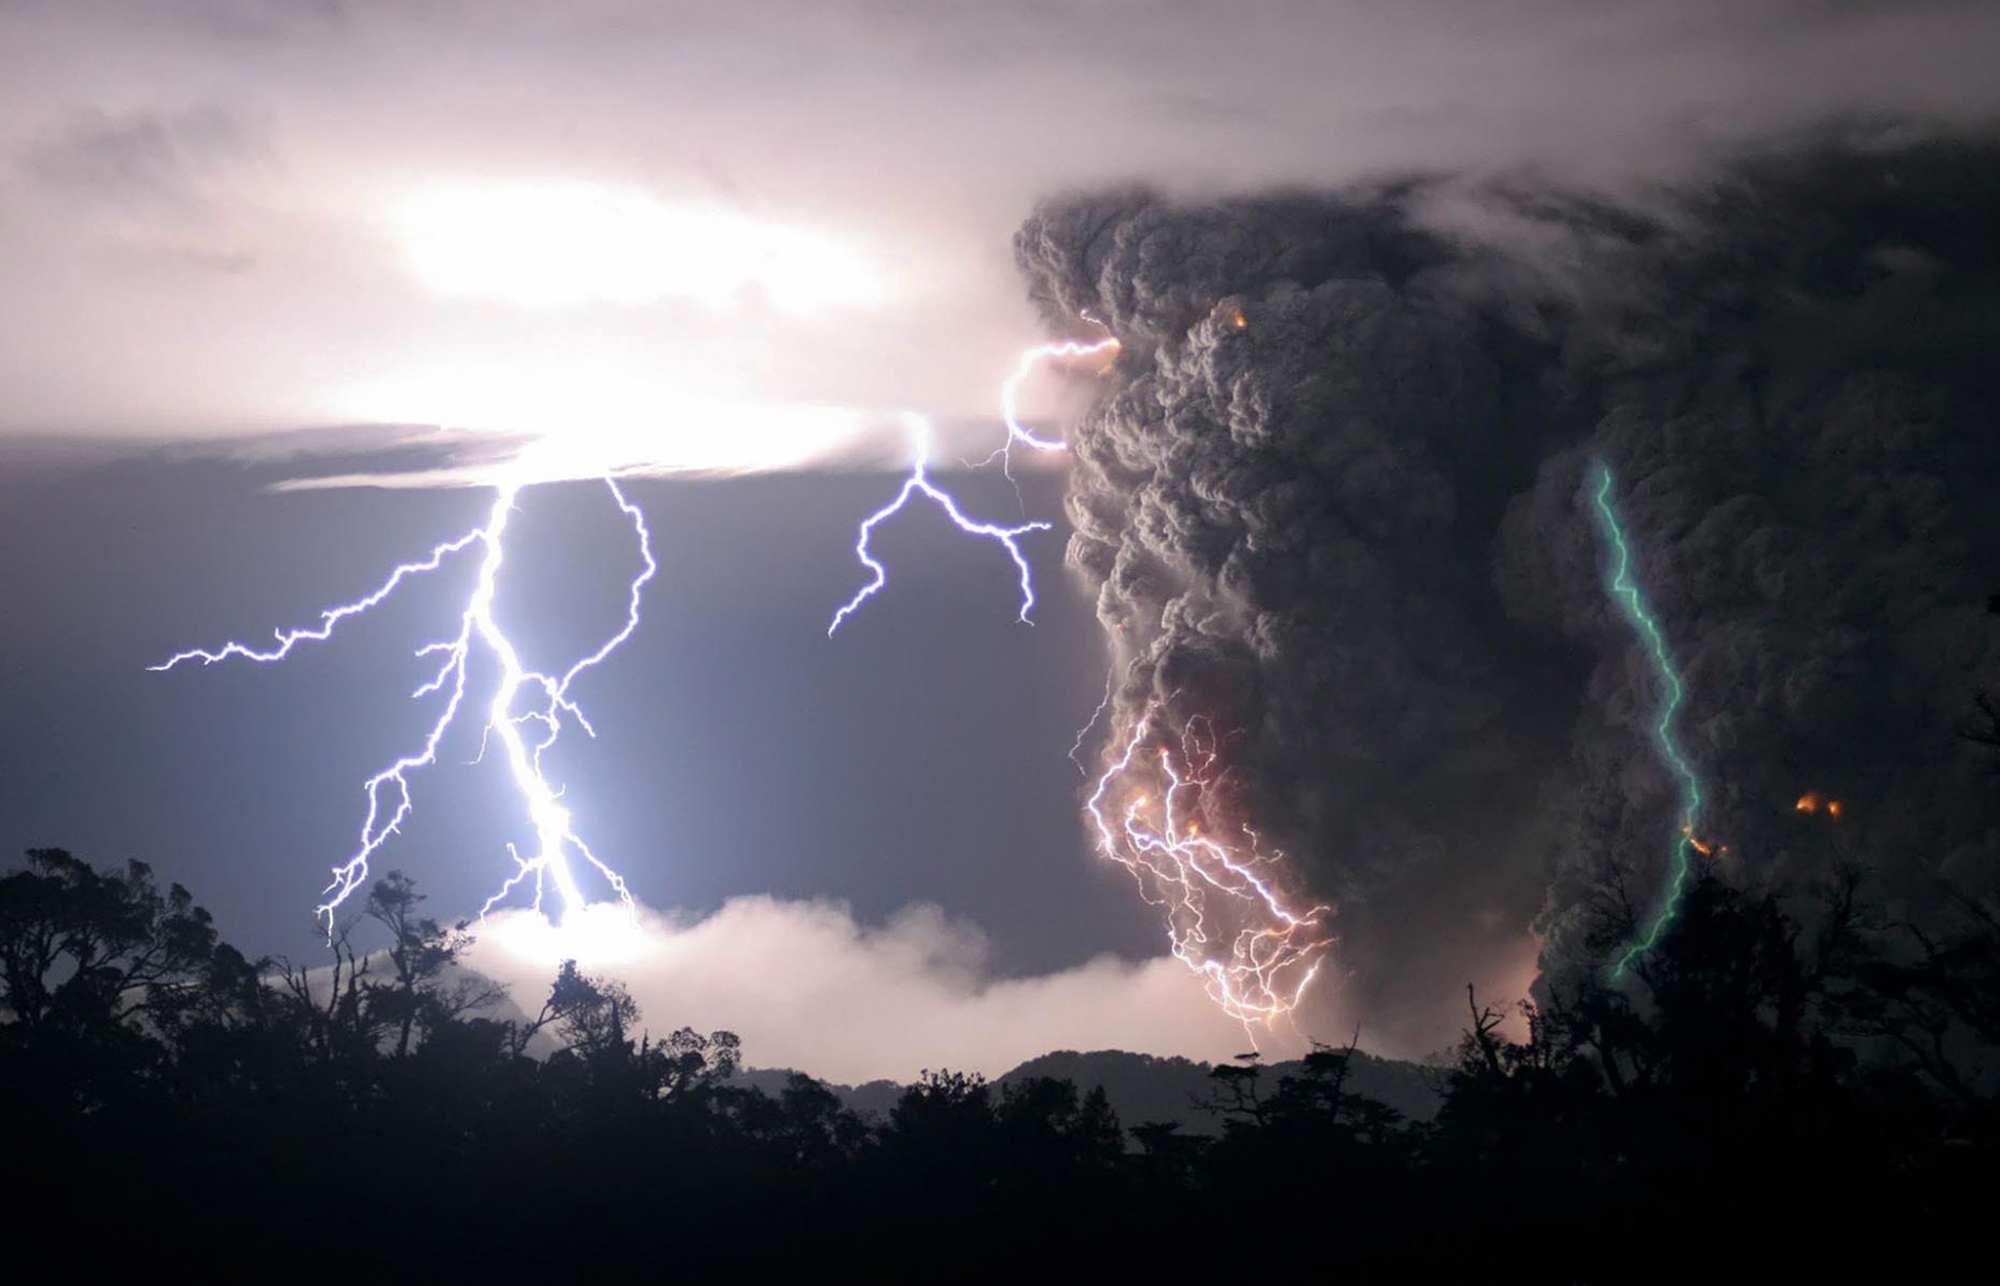 Чудовищный ураган «снёс» более 100гектаров леса подЖитомиром (ВИДЕО) | Русская весна